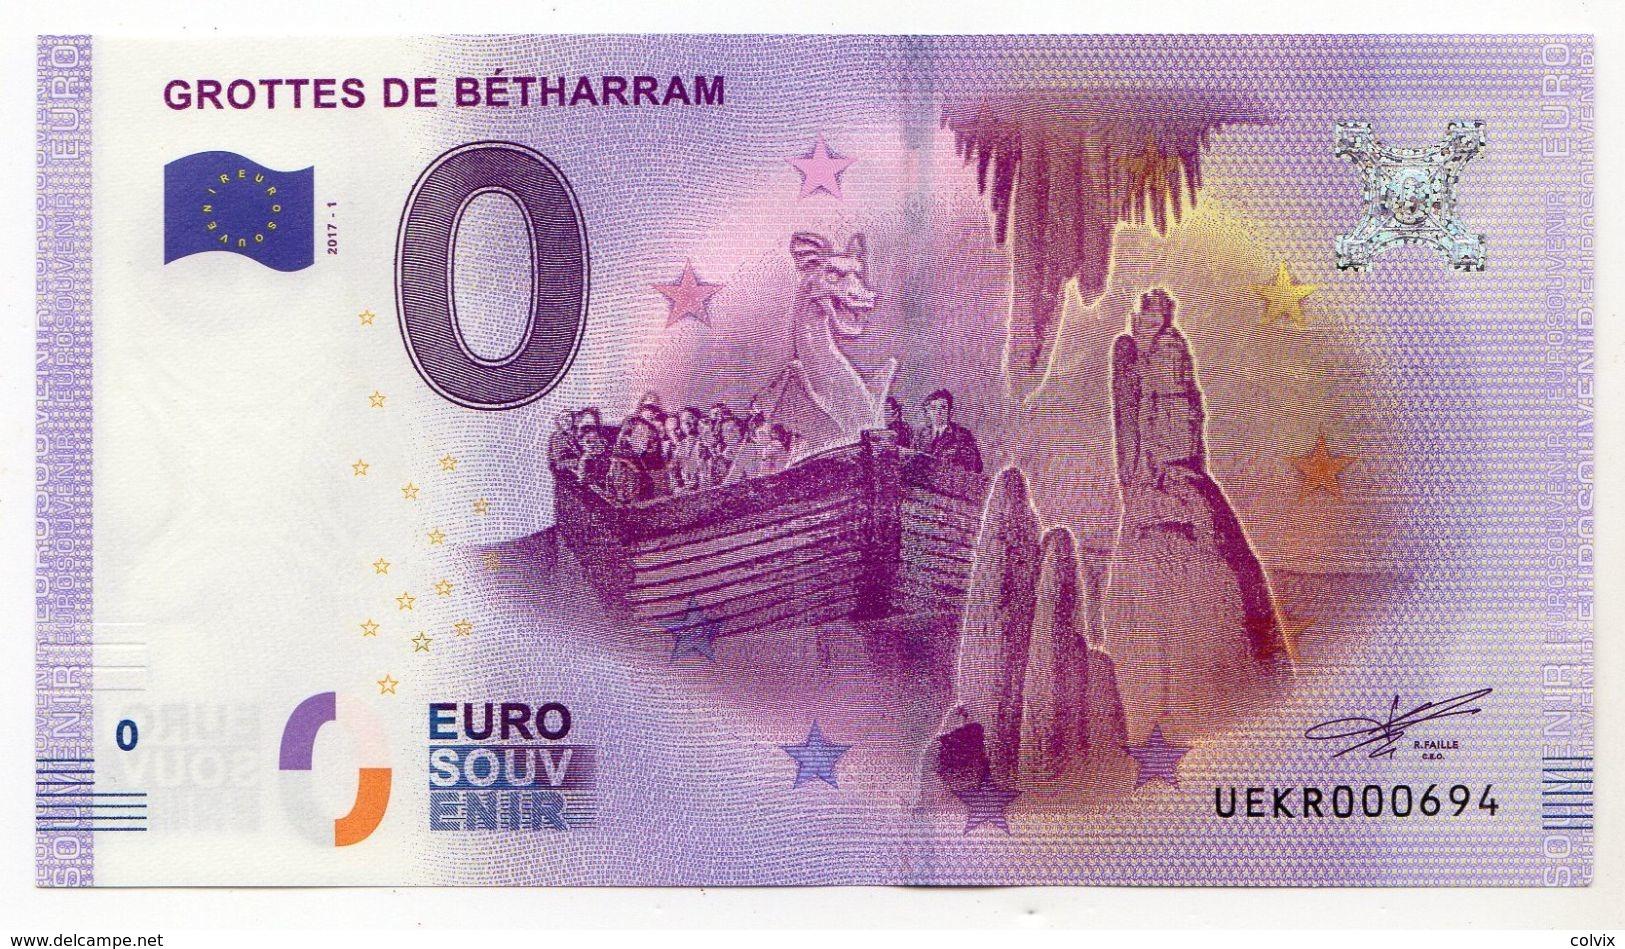 2017-1 BILLET TOURISTIQUE 0 EURO SOUVENIR N°UEBW000694 GROTTES DE BETHARRAM Numéro < à 1000 - Private Proofs / Unofficial